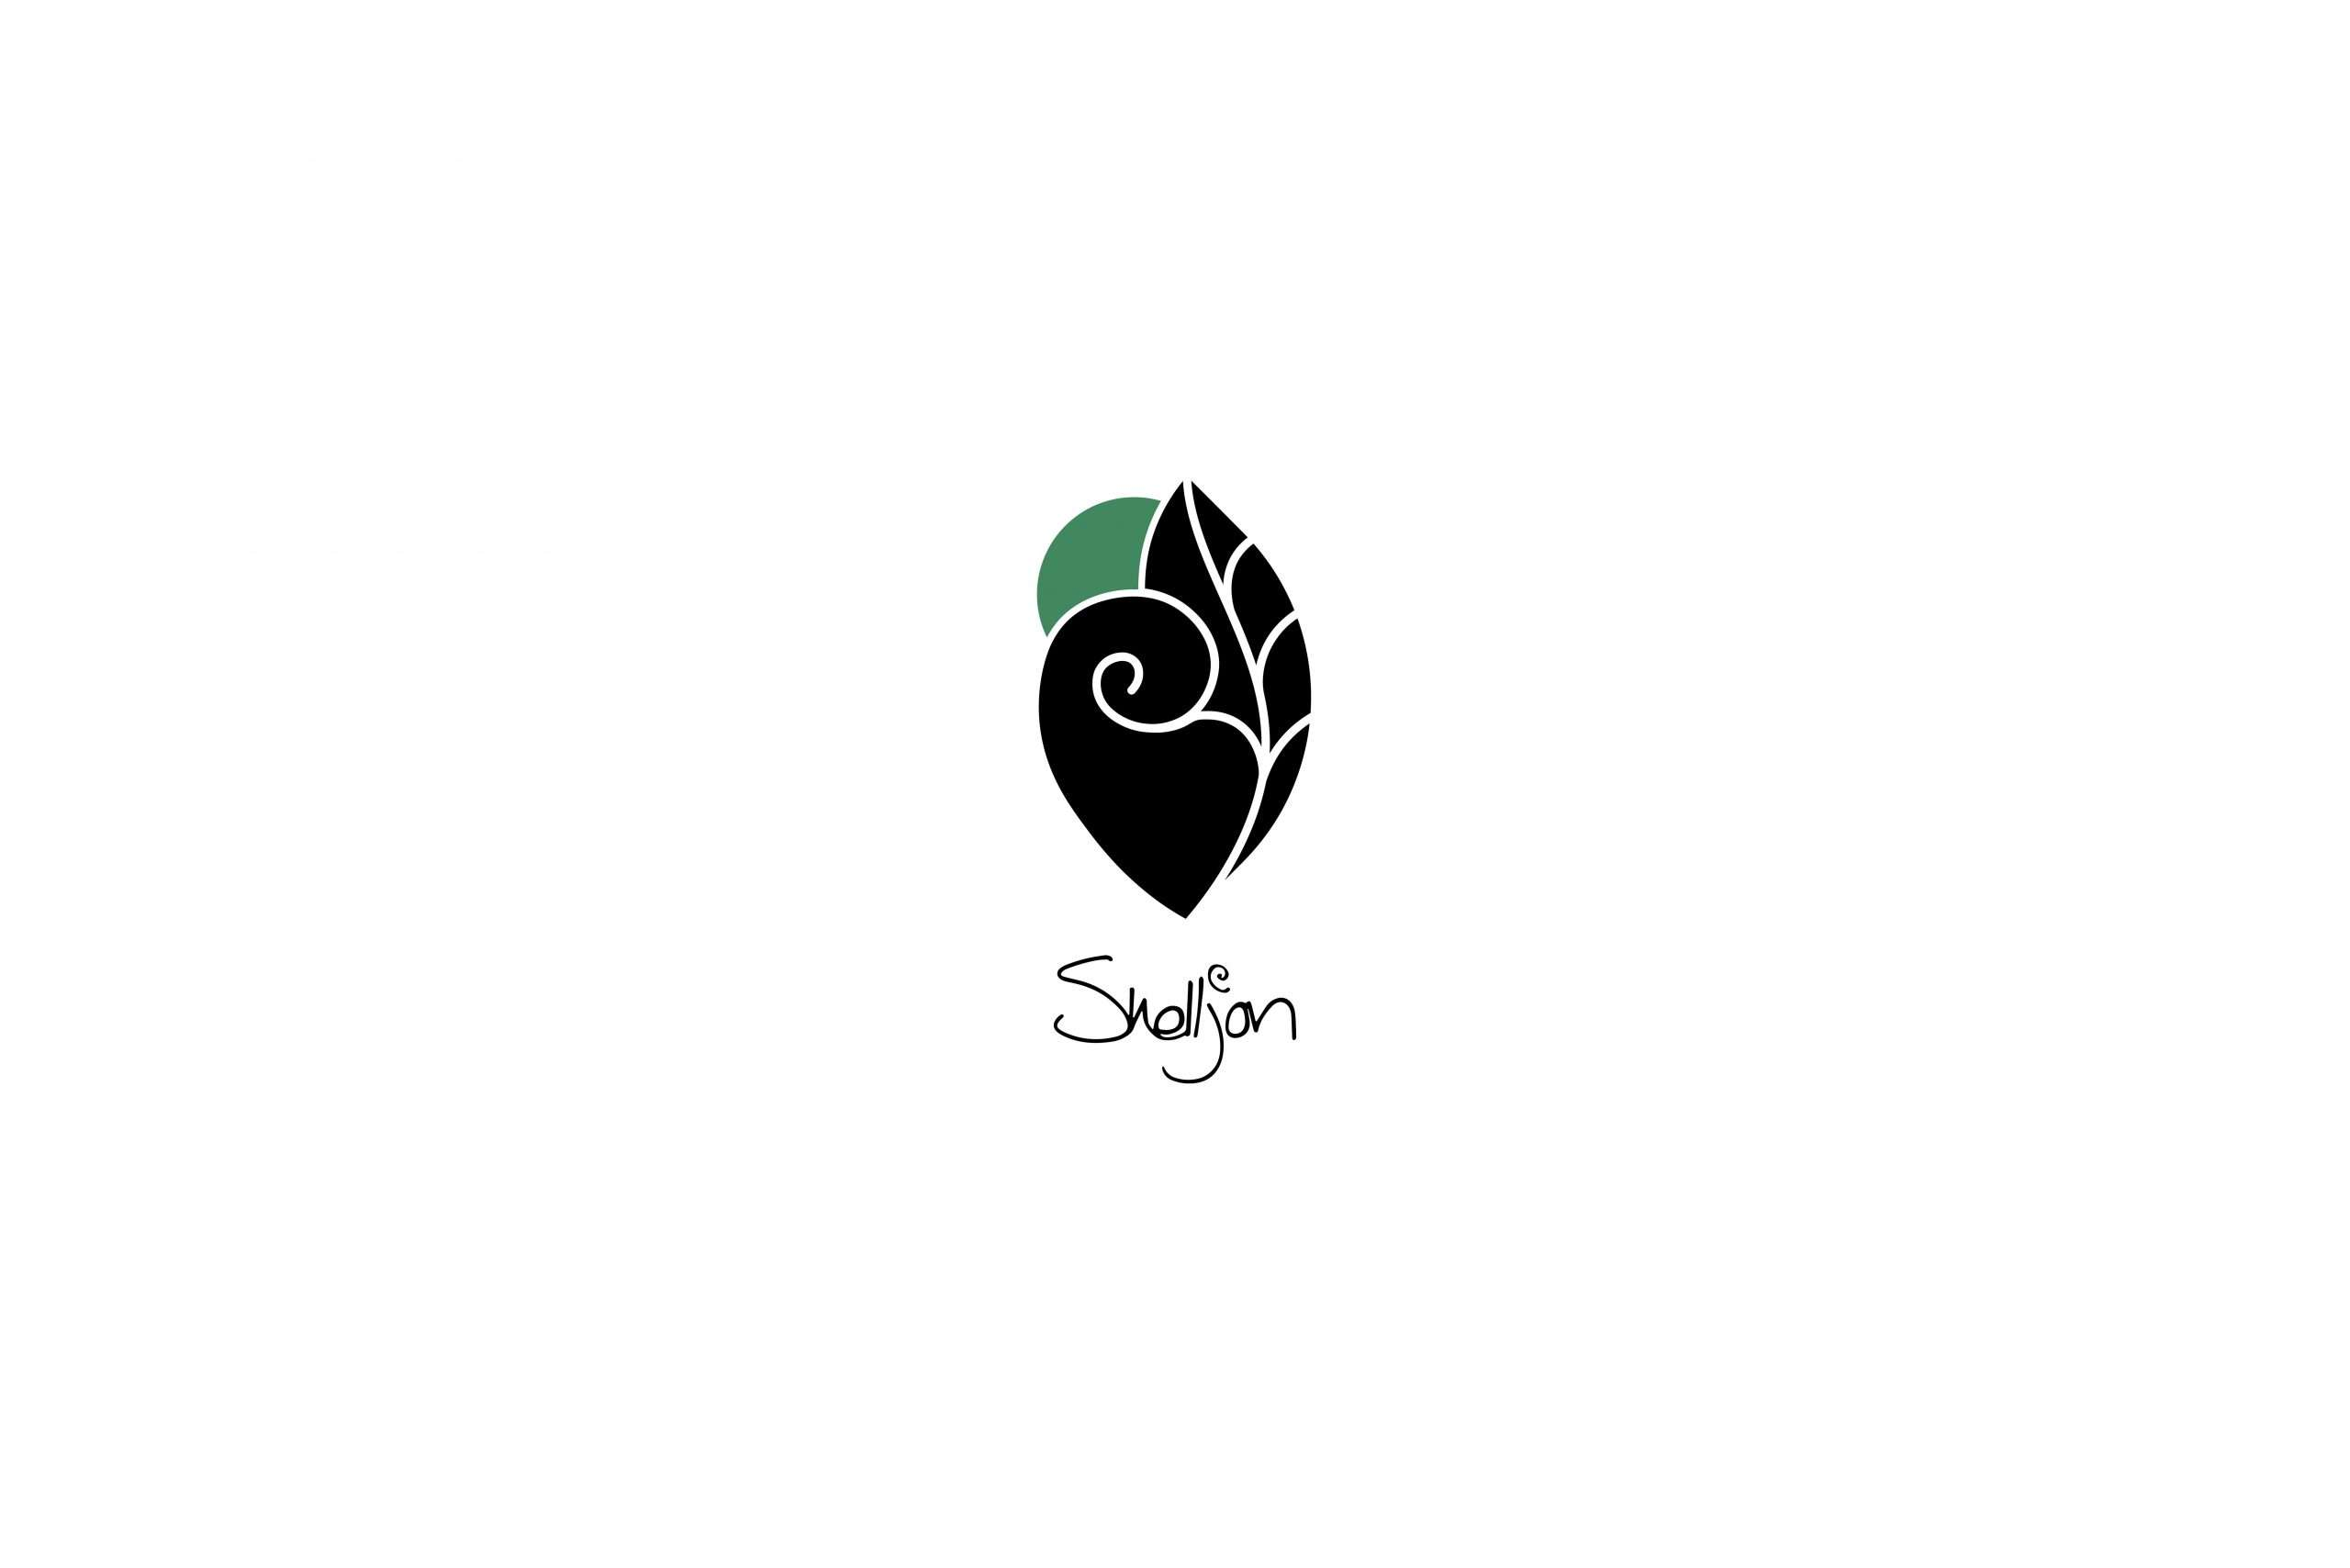 Shelljon-Overlay